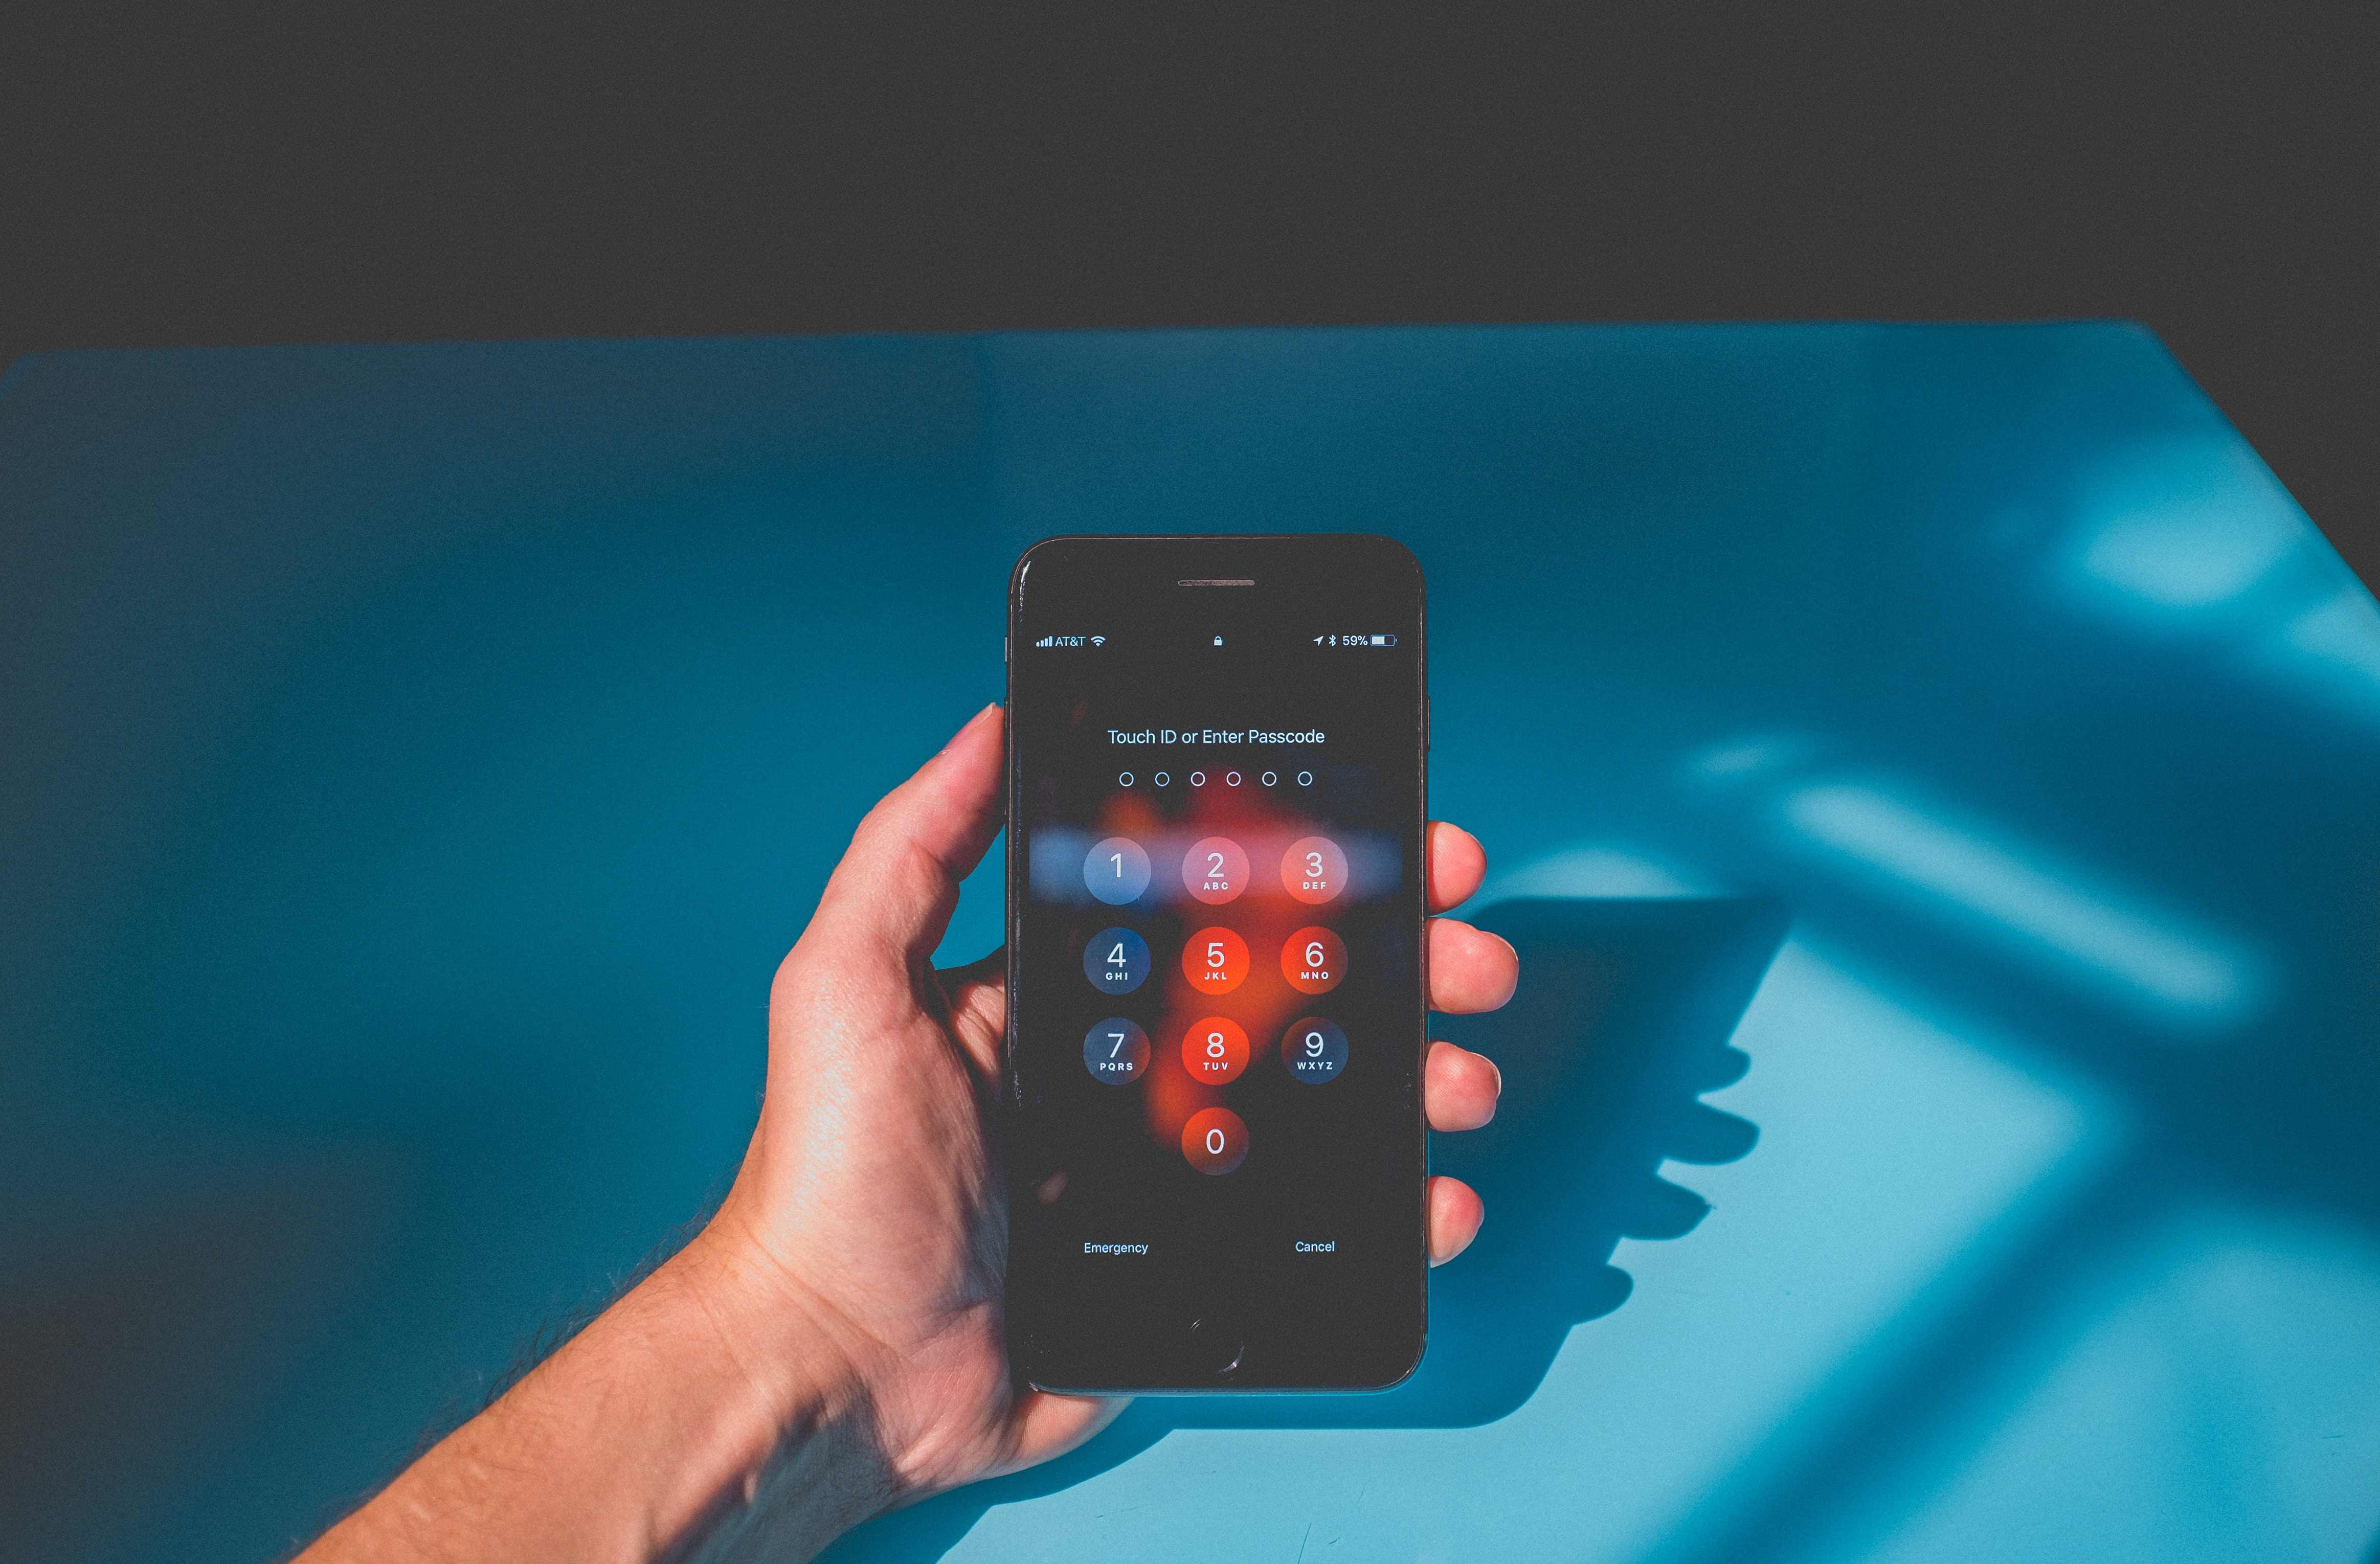 En person holder en telefon som viser et varmekart der koden blir tastet. Bildet er hentet fra Neonbrand på Unsplash